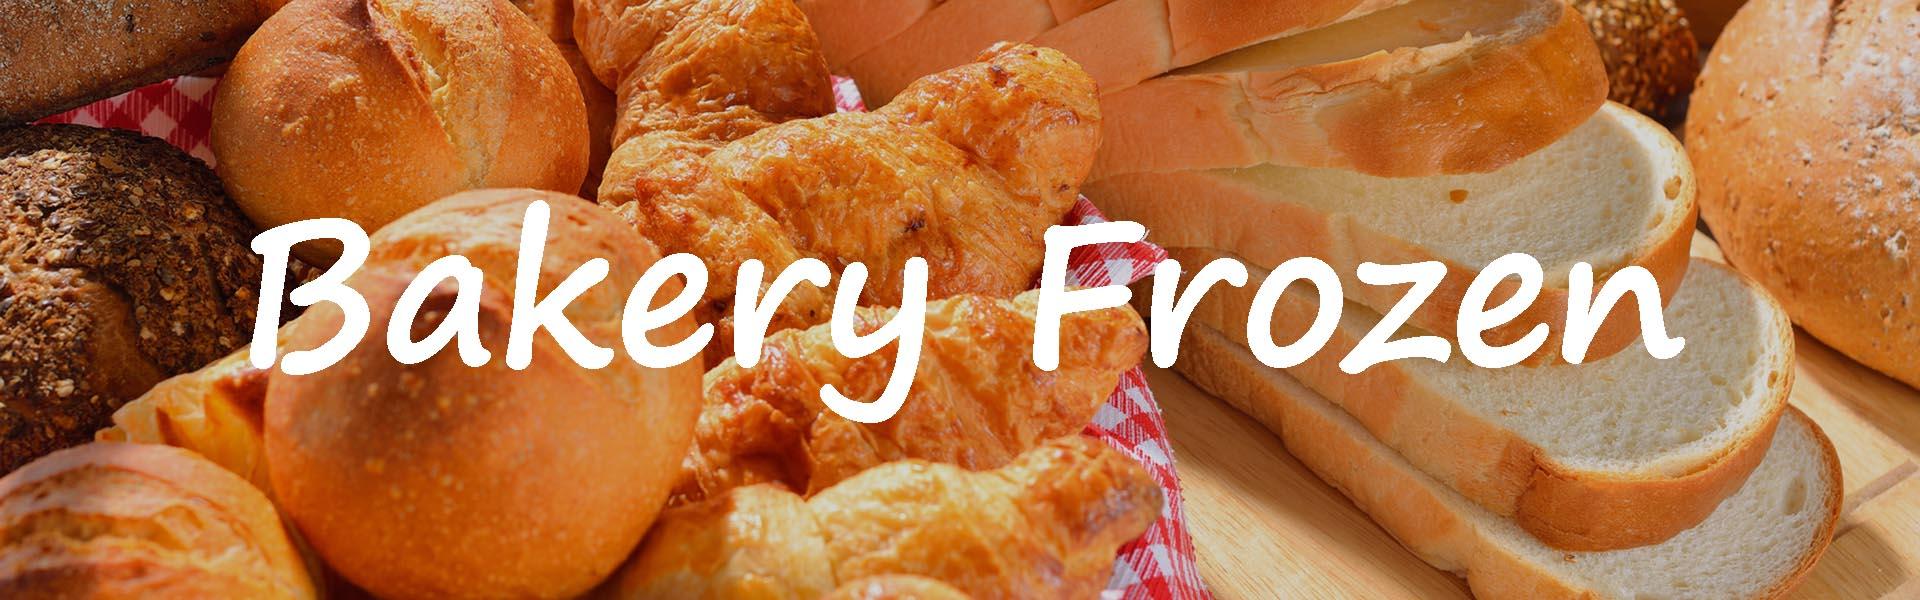 web-ready-bakery-frozen-3